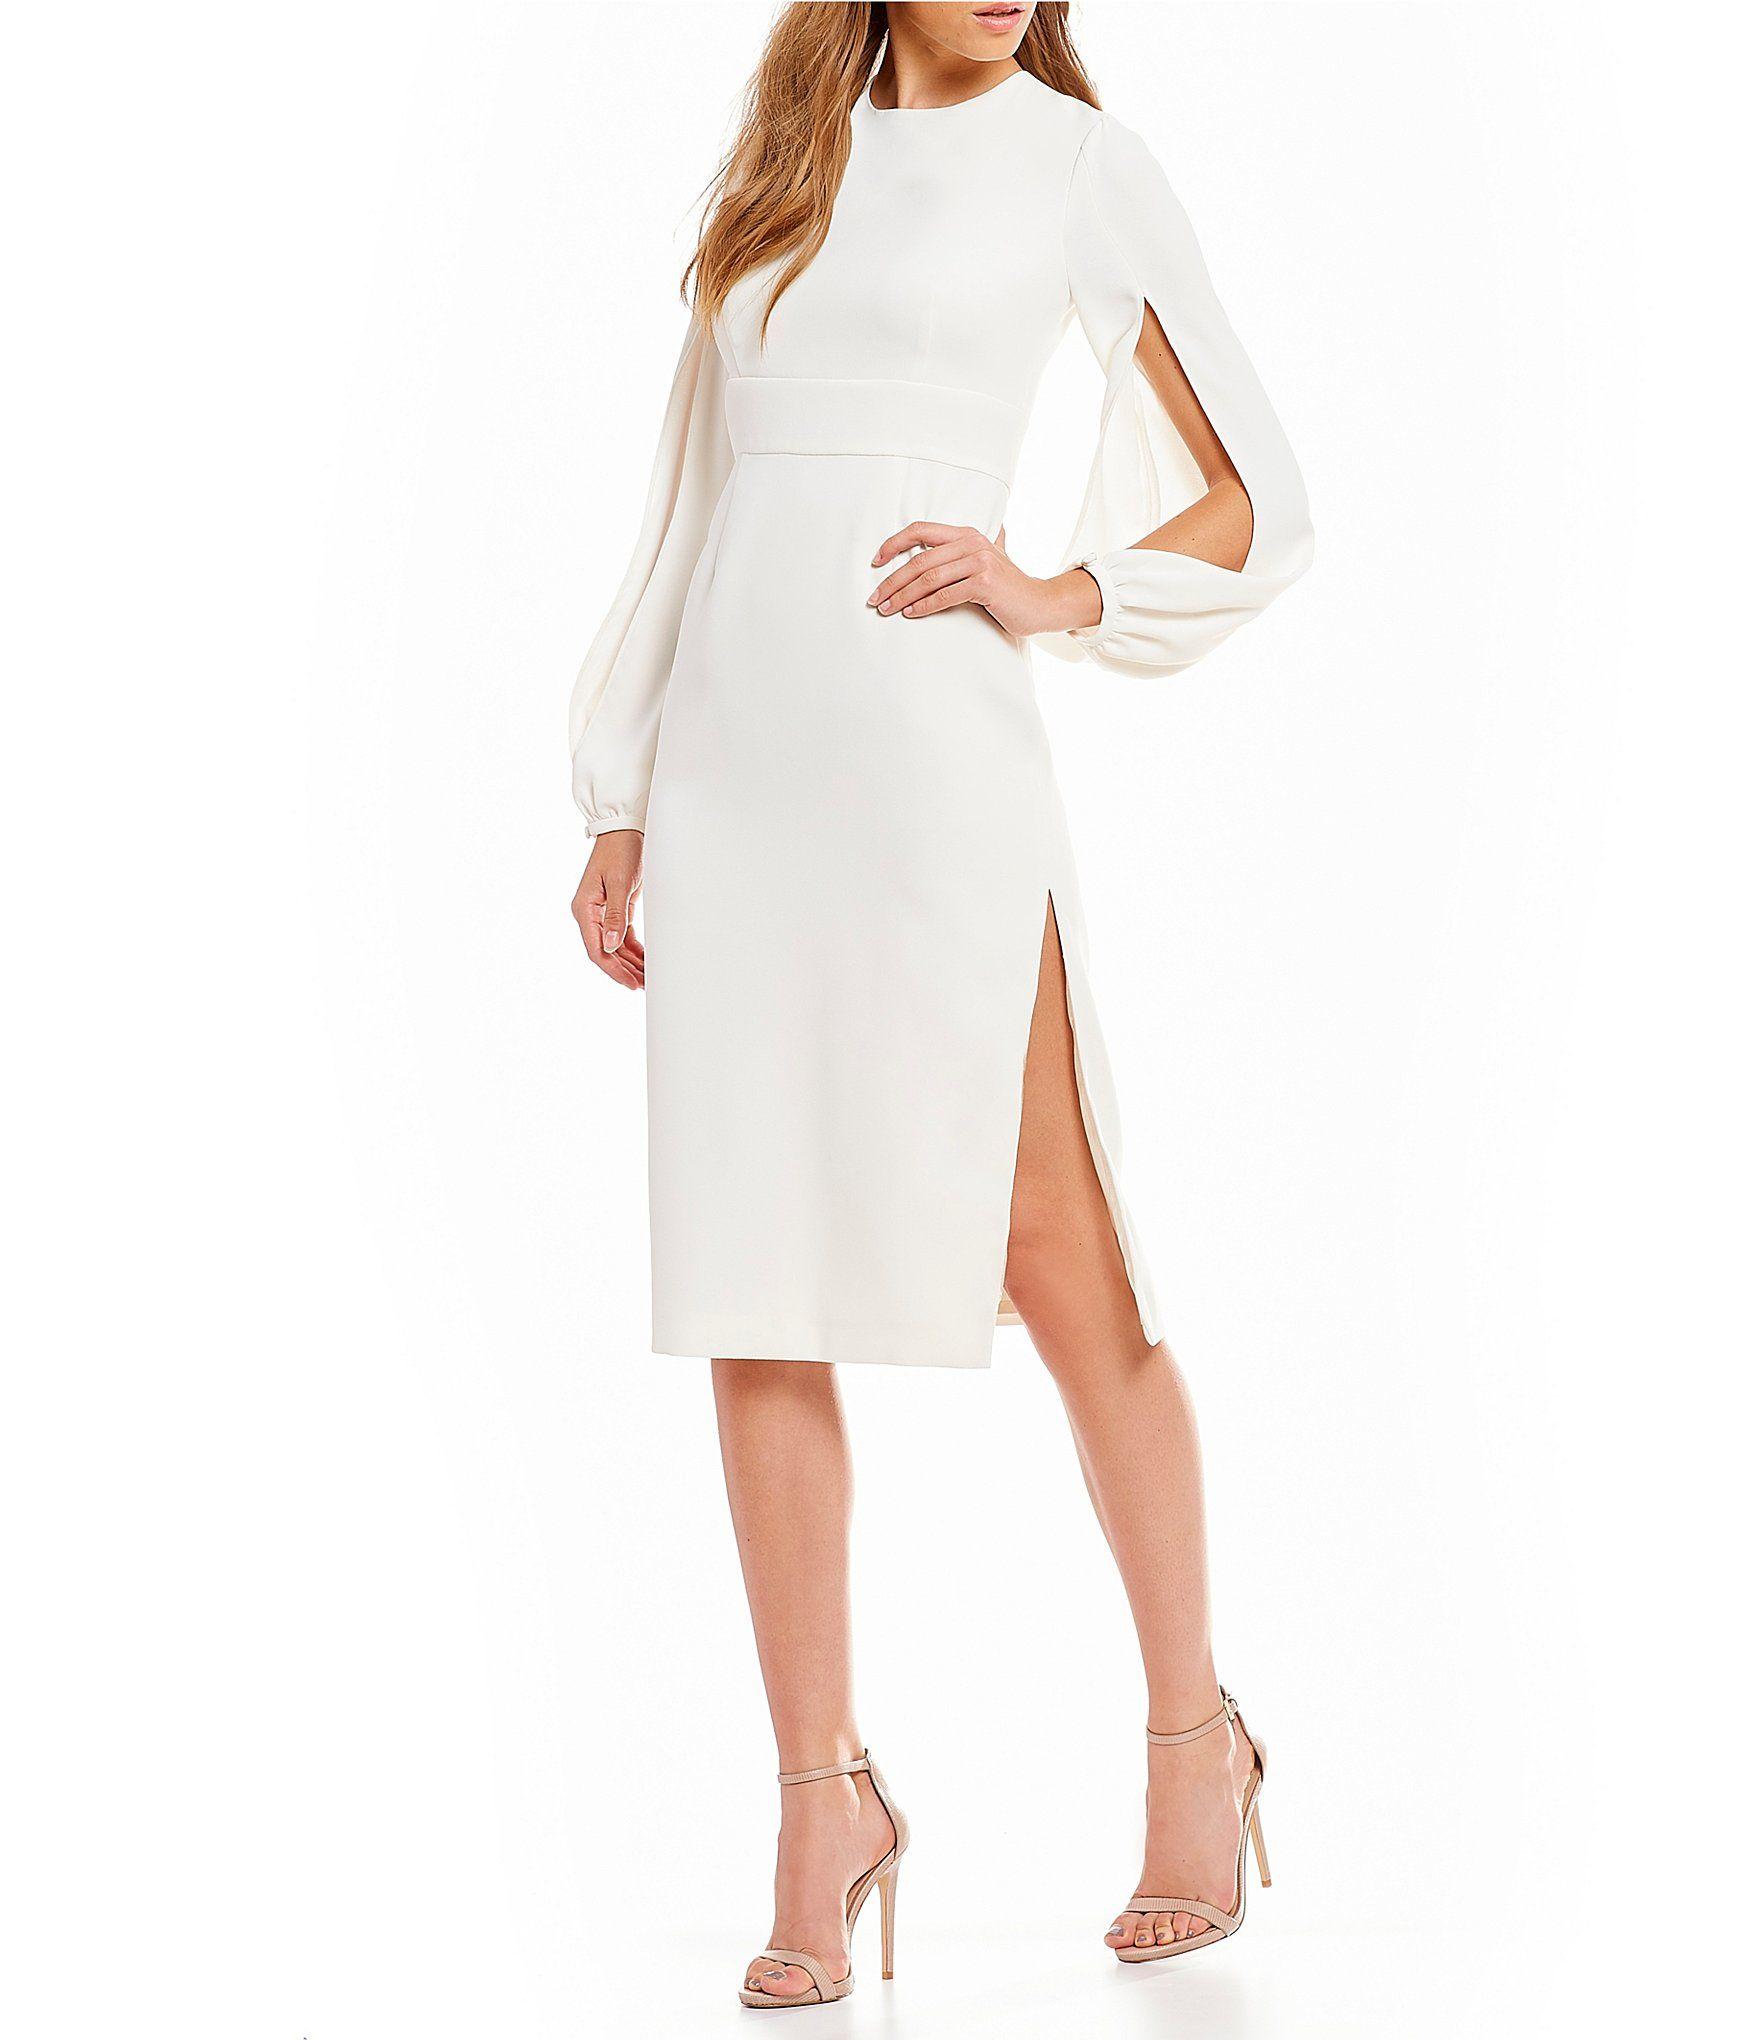 b10d97a50b2 Jill Jill Stuart Crepe Sheath Midi Dress  Dillards